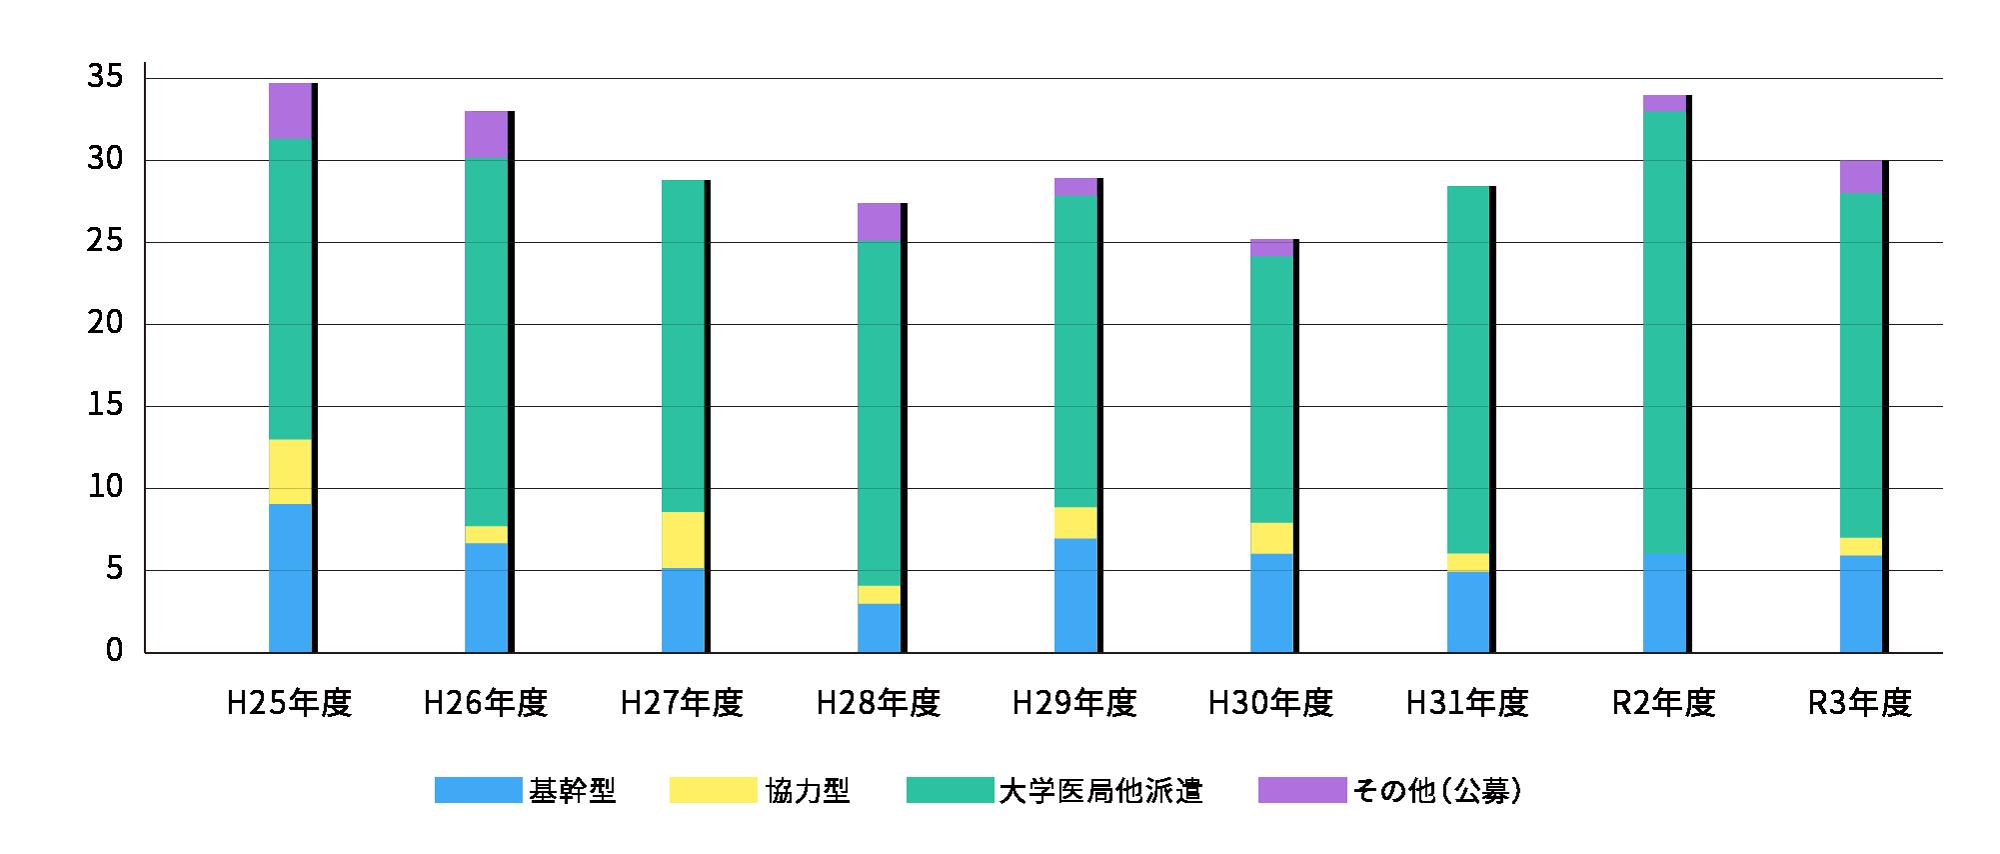 後期臨床研修医数グラフ